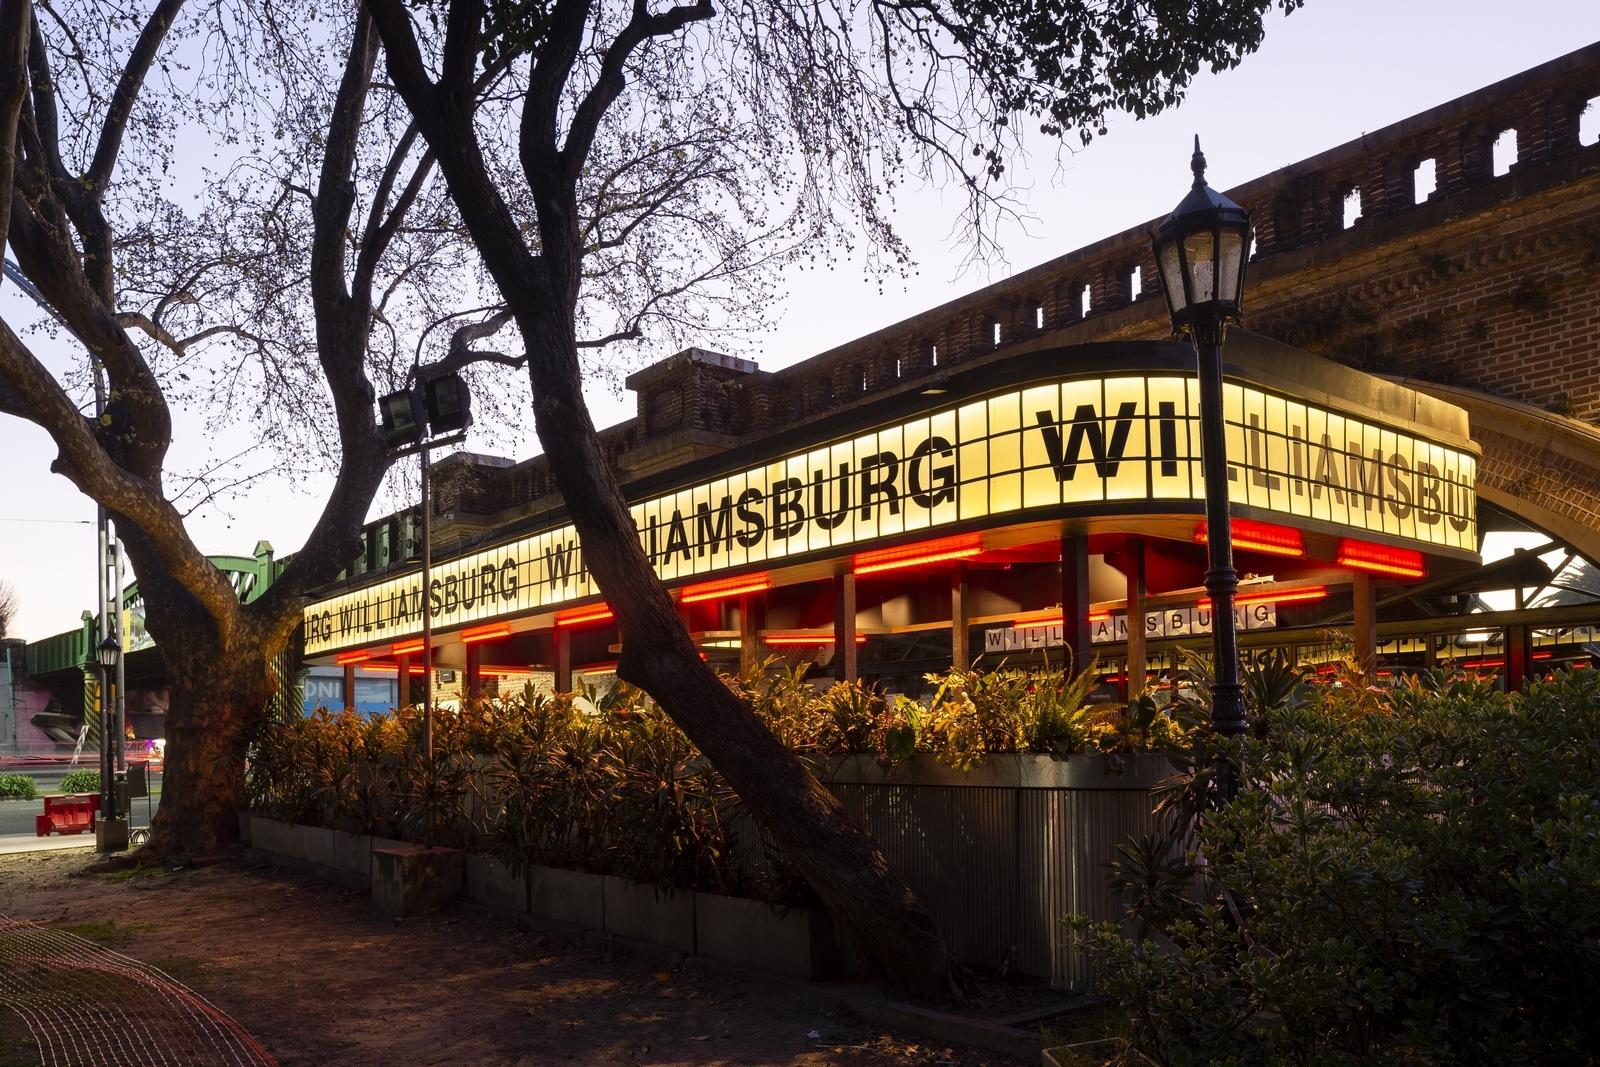 Willamsburg 14